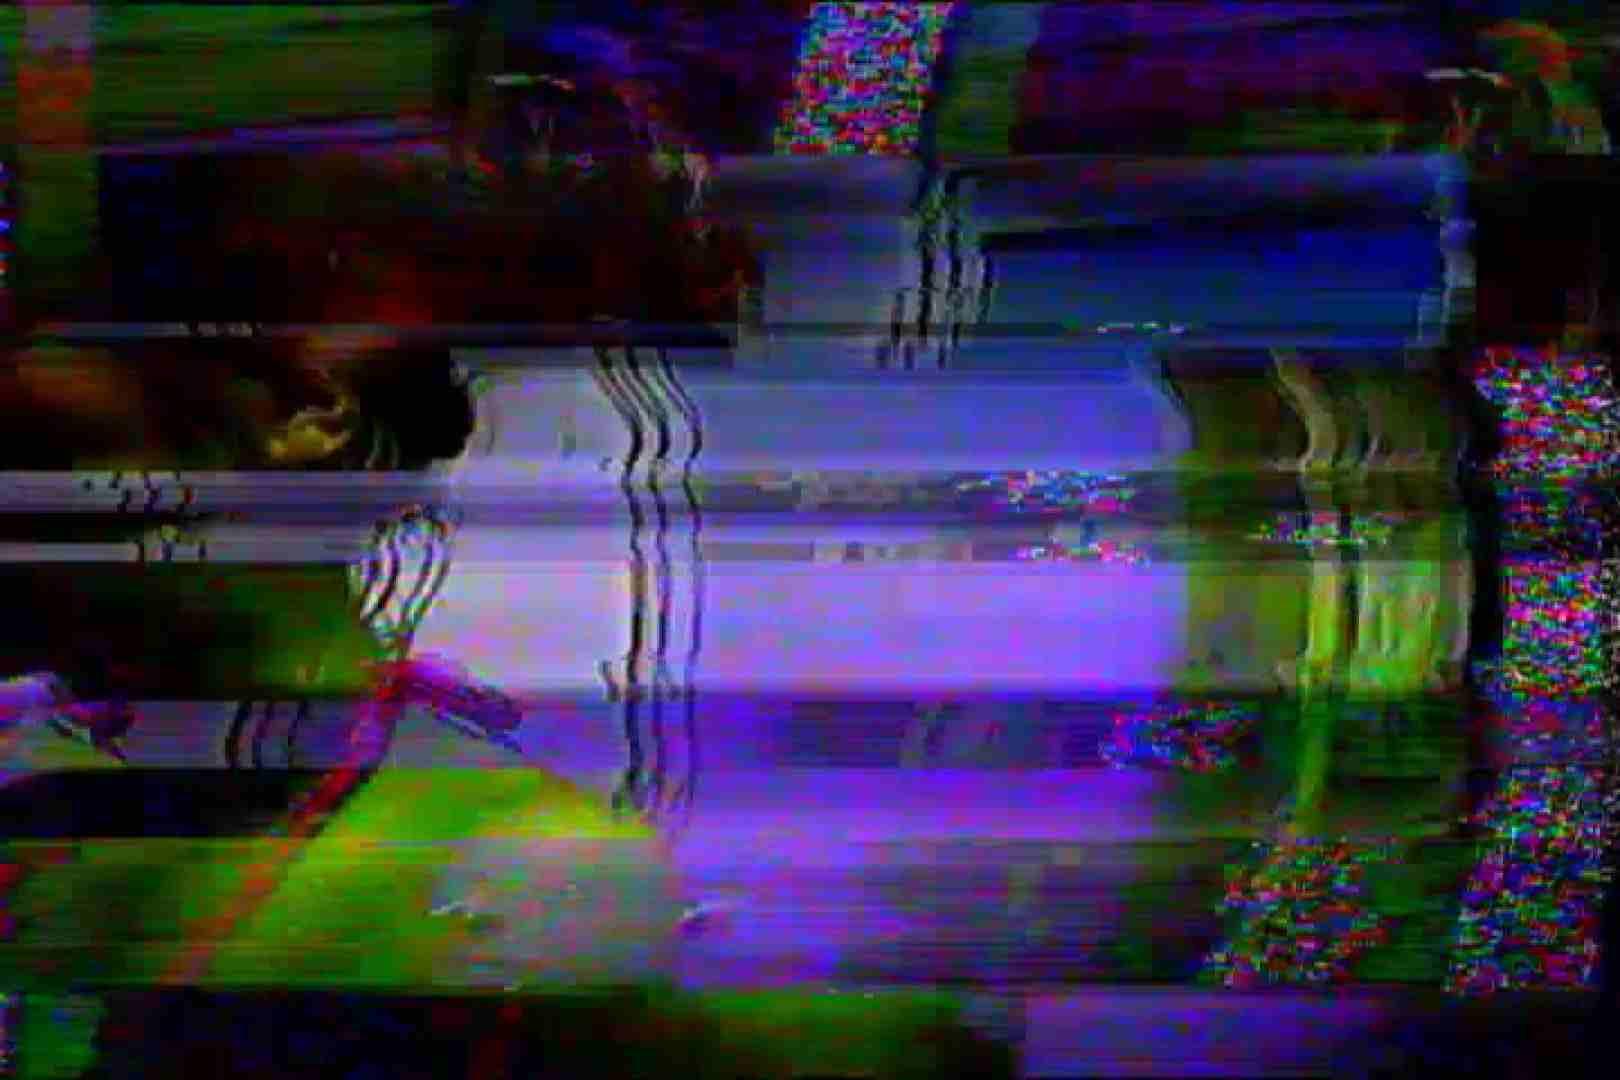 海の家の更衣室 Vol.20 日焼けした女たち 性交動画流出 100画像 63